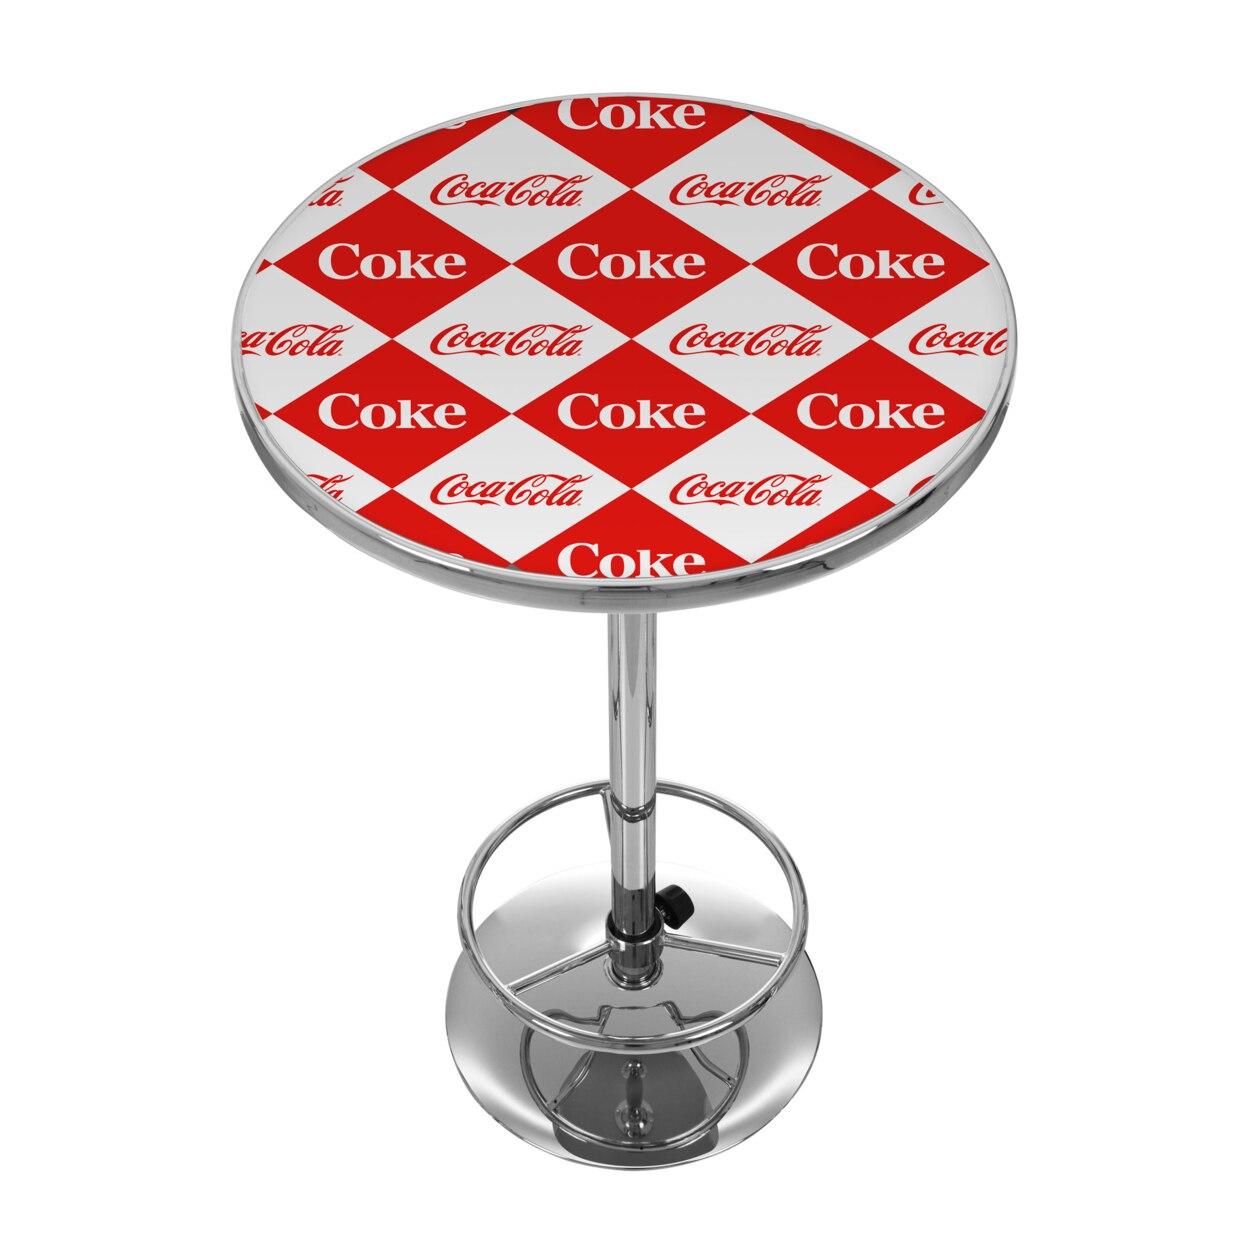 Checker Coca Cola 42 Inch Pub Table